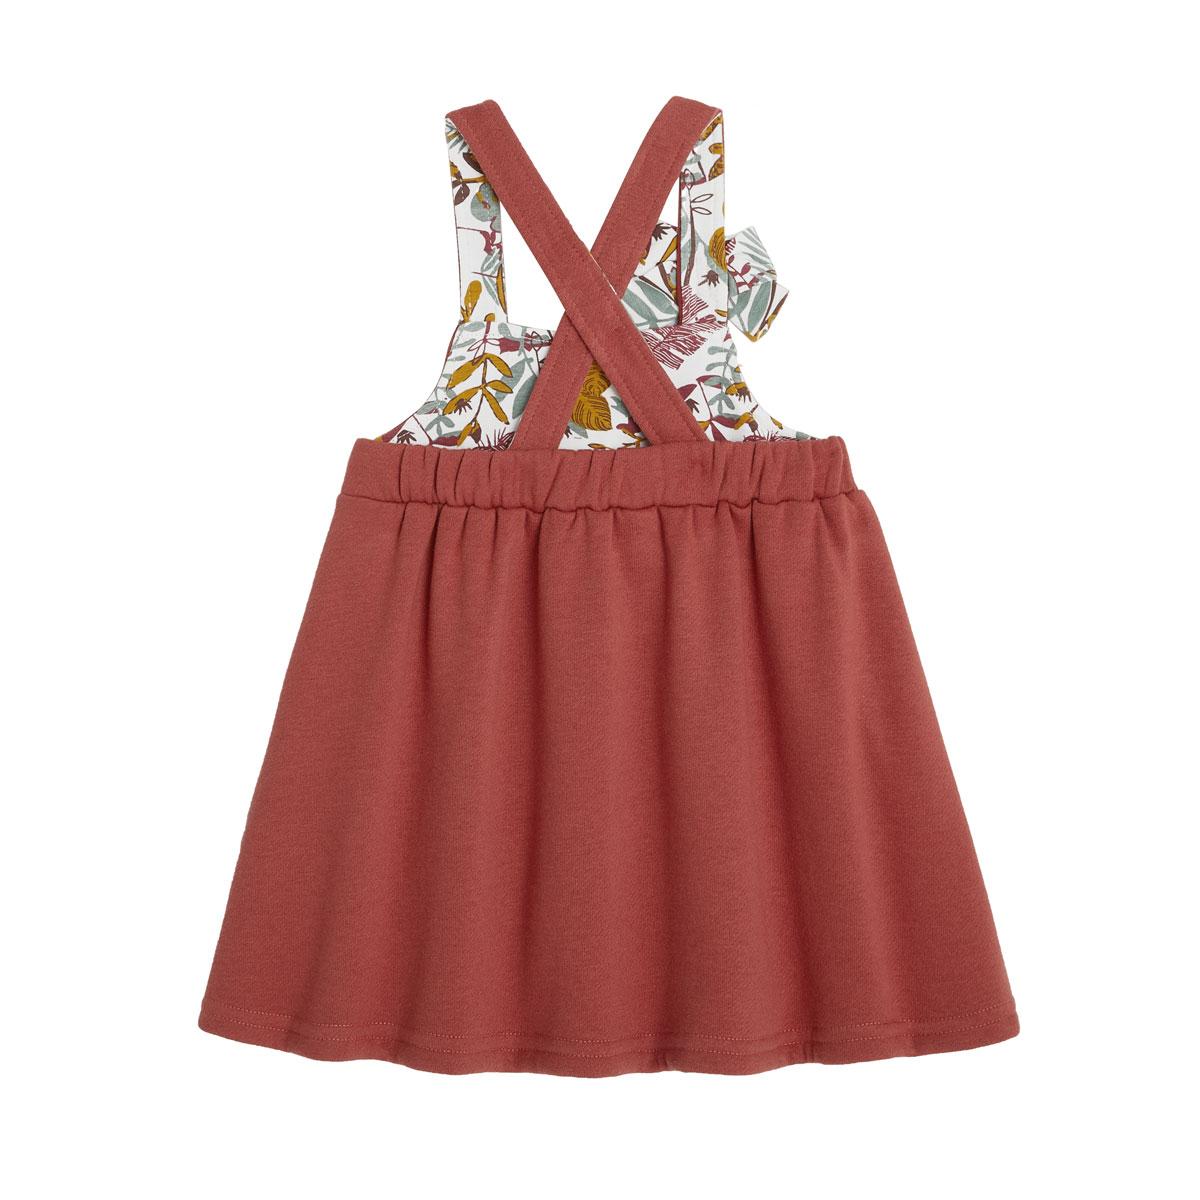 Robe en molleton et legging contenant du coton bio BonjourAmour dos